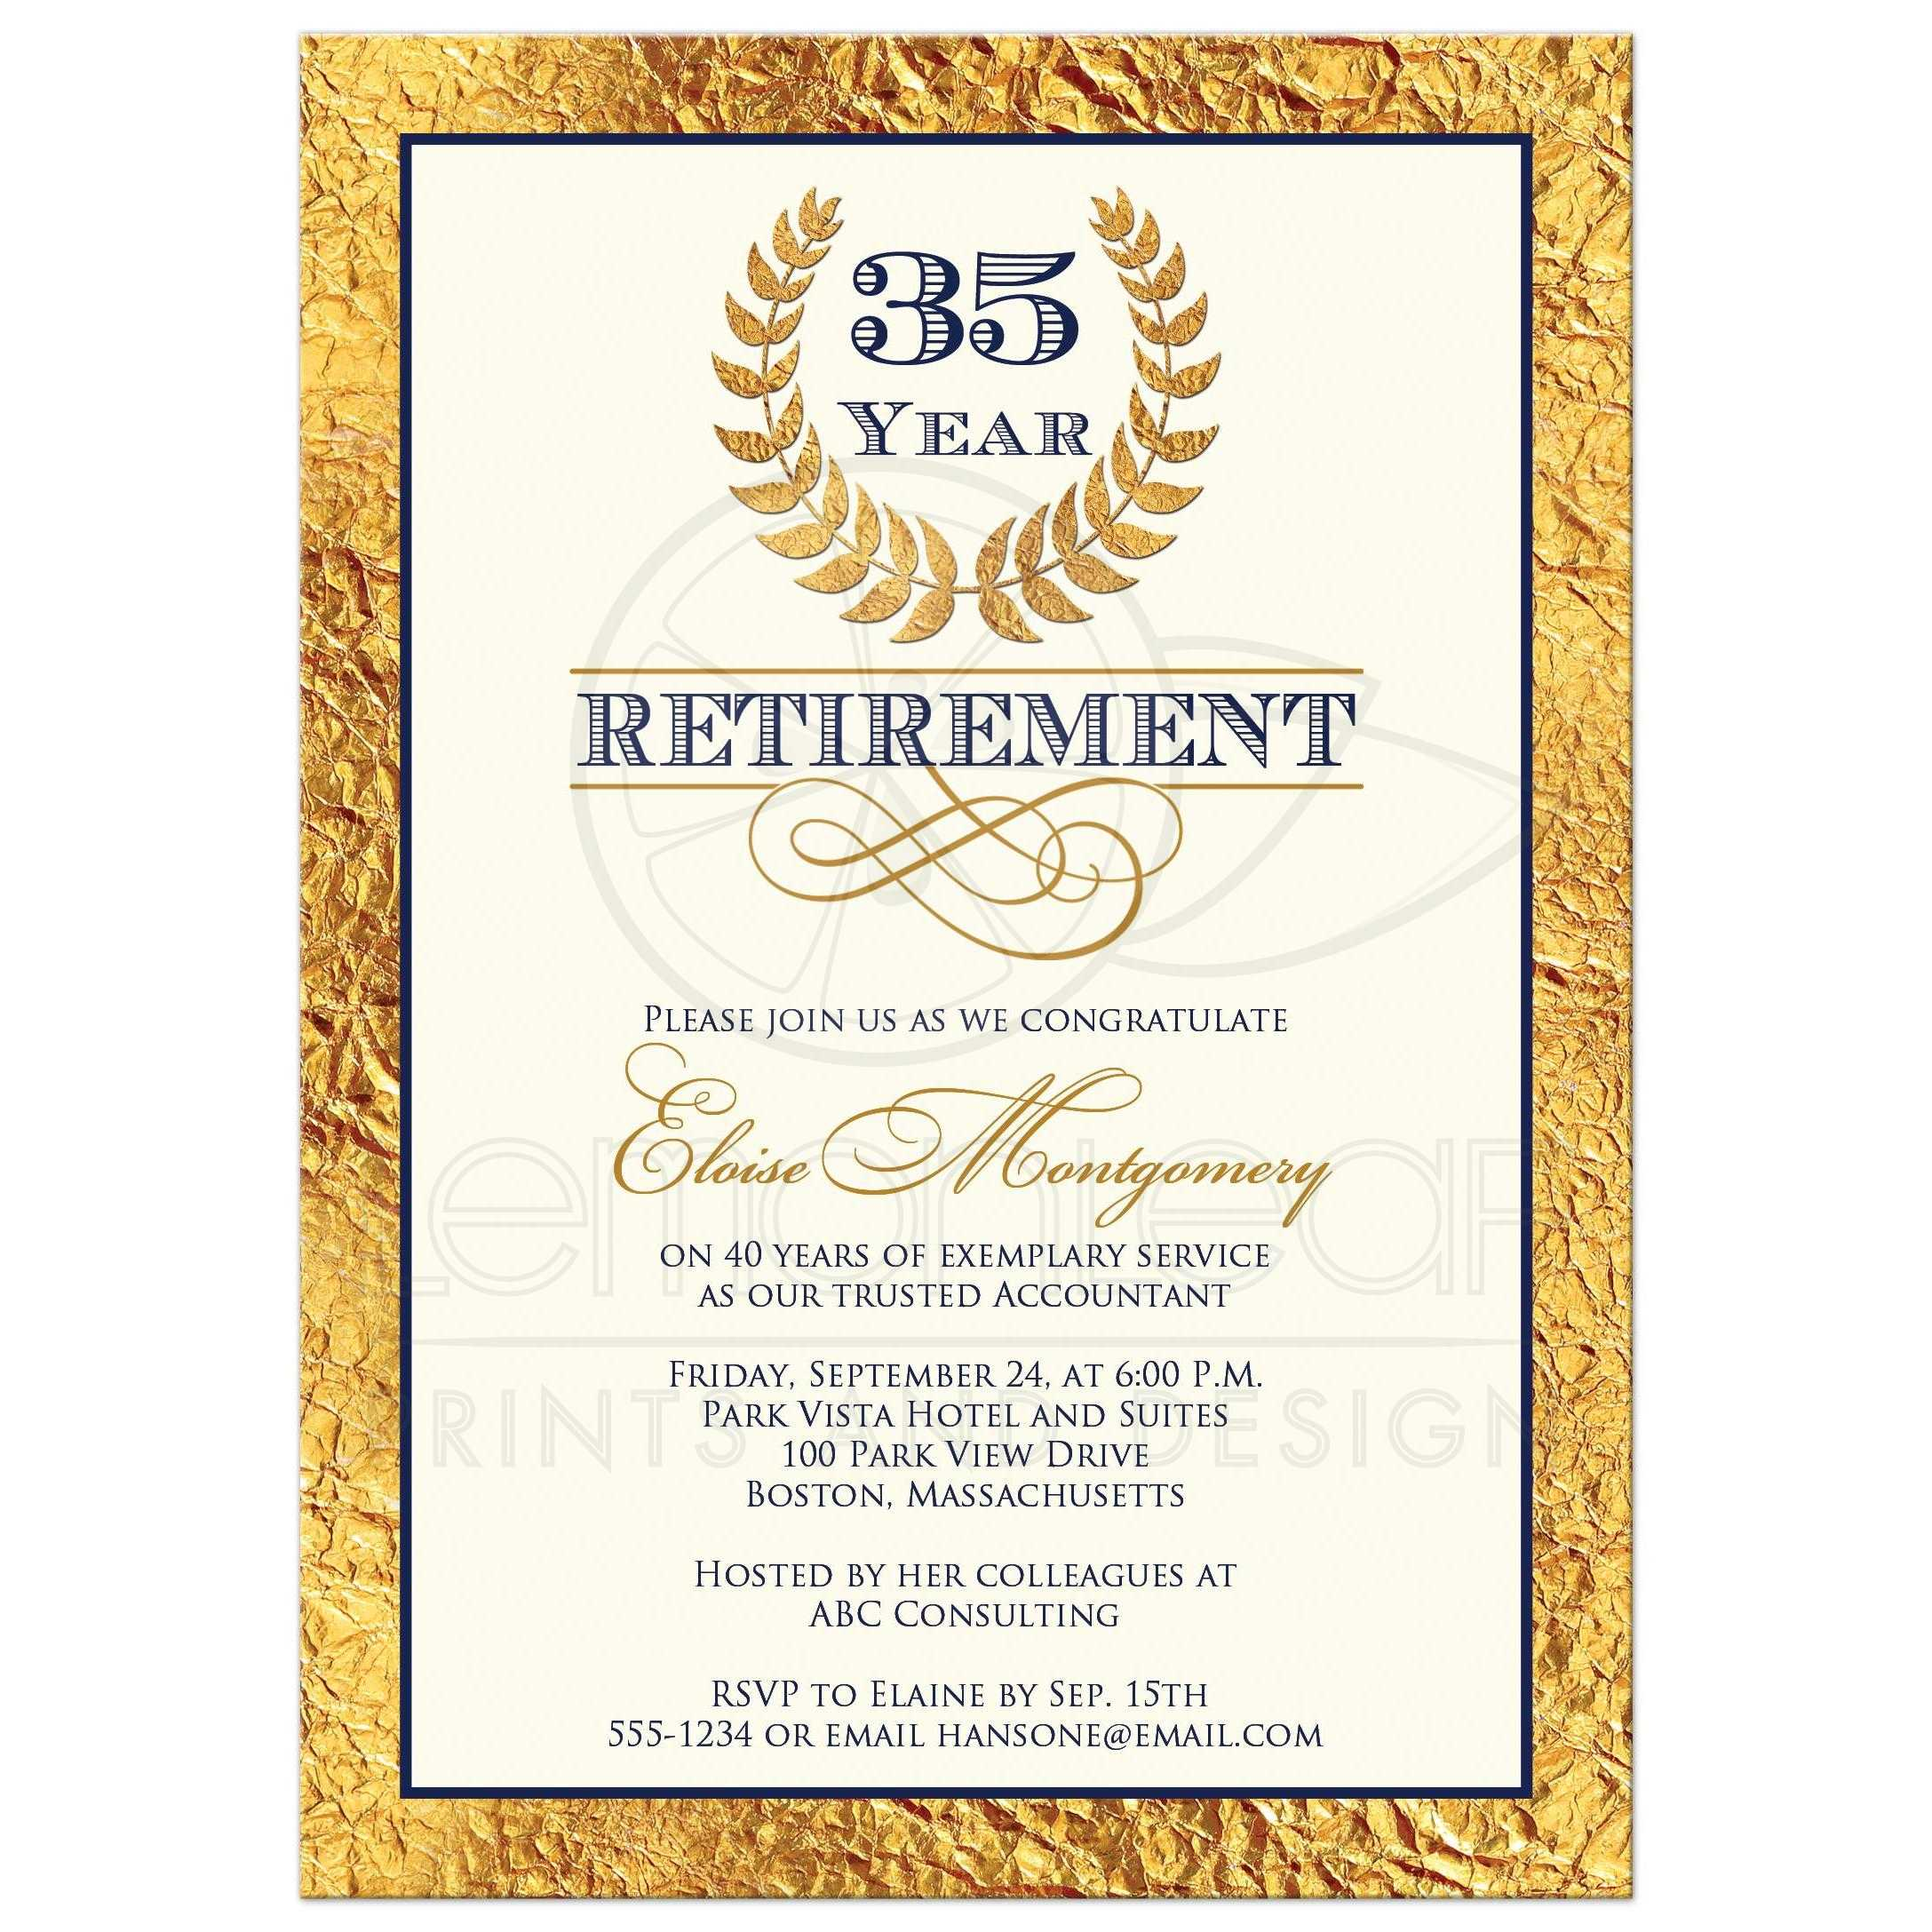 35 year retirement party invitation laurel wreath faux gold foil